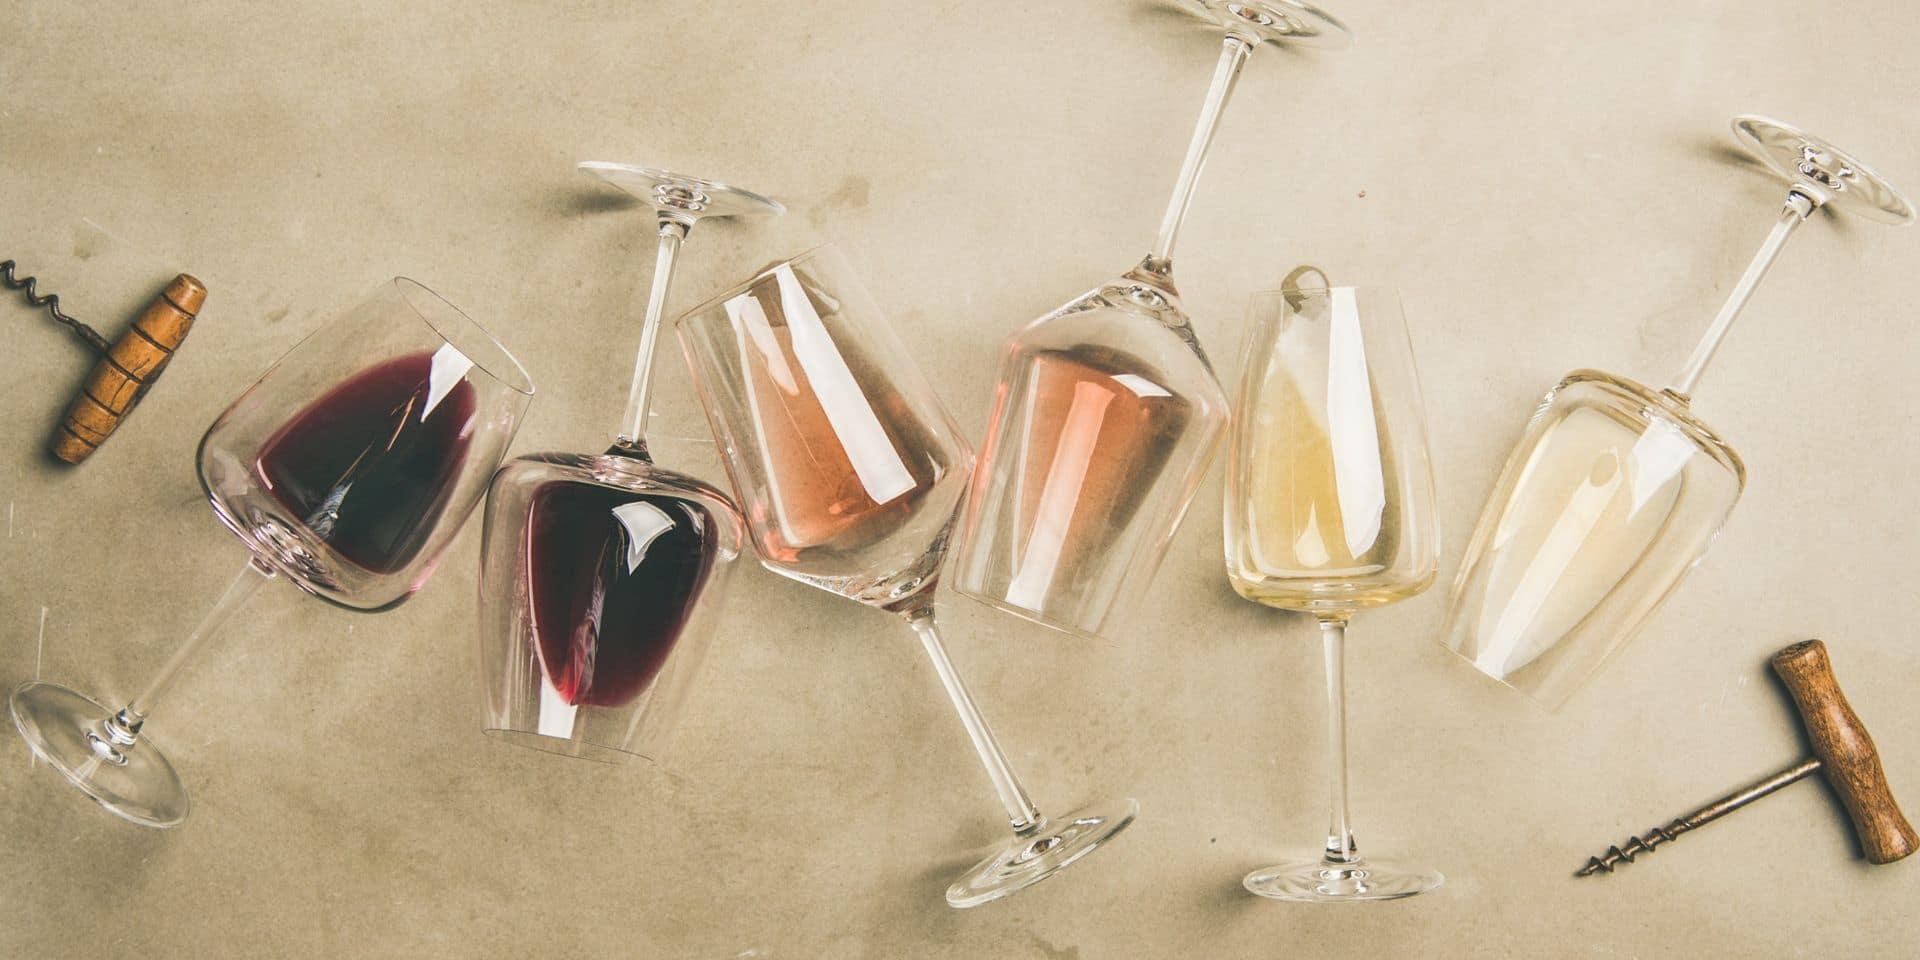 Foires aux vins: la troisième étape passe par le Delhaize, voici nos bons plans